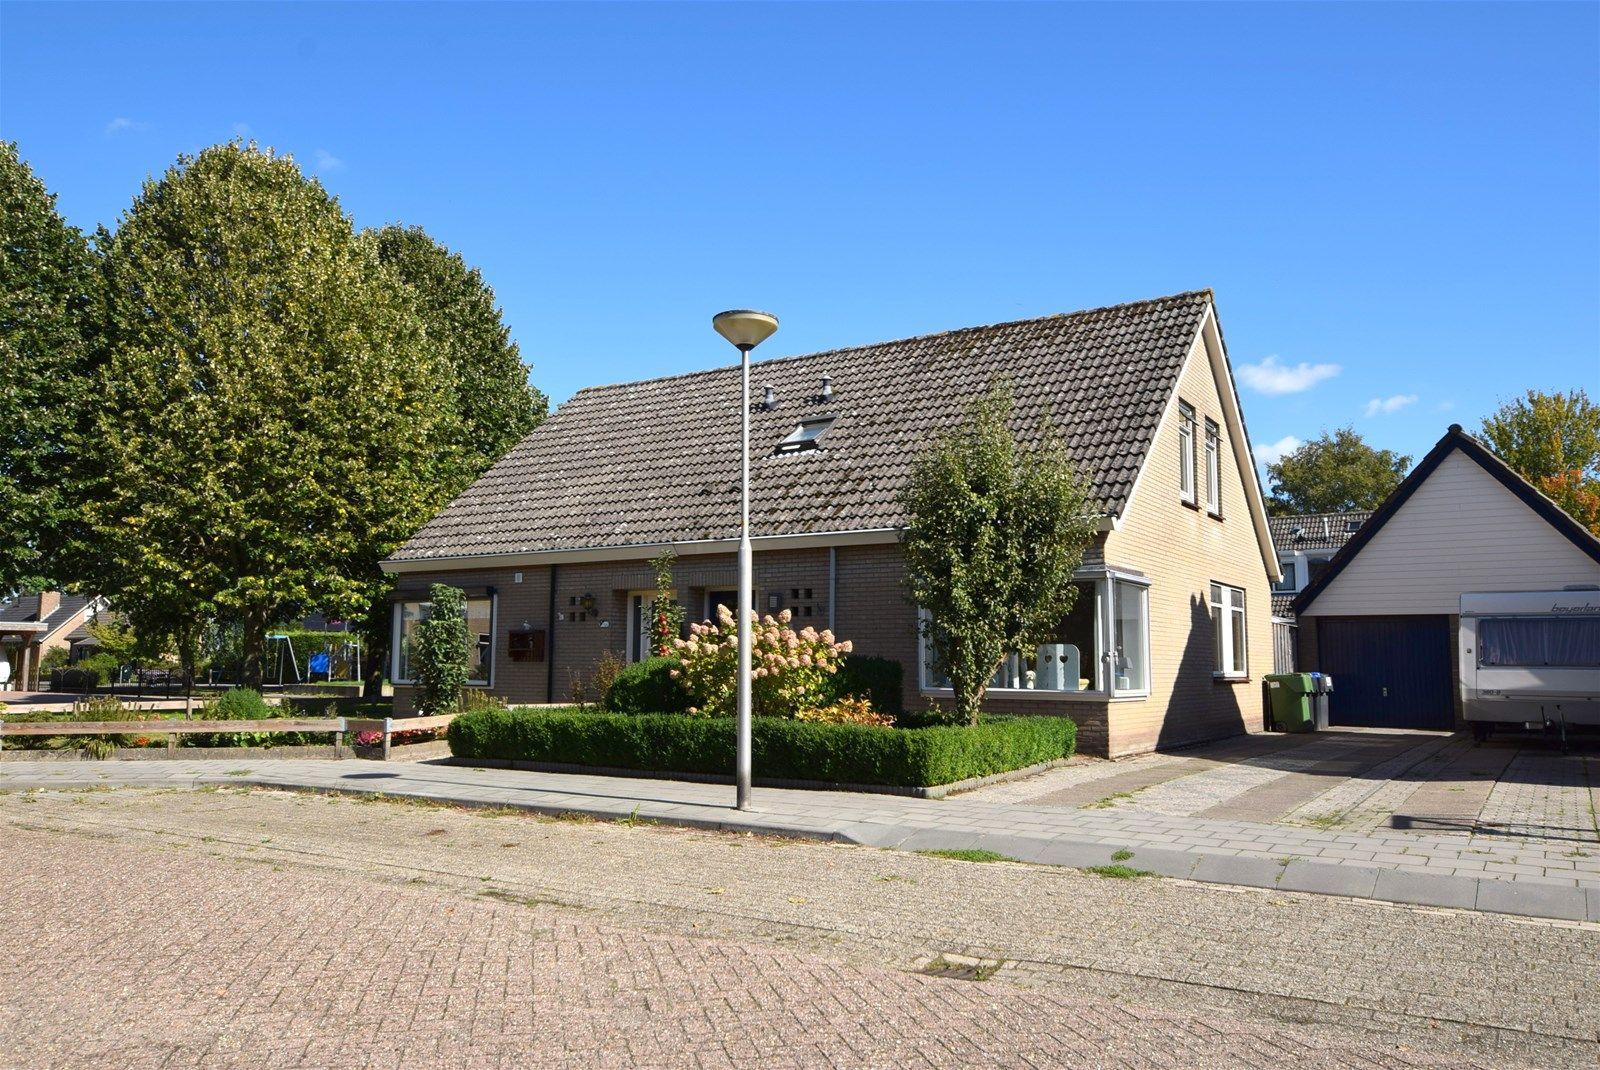 Karspelstraat 36, Nijeveen